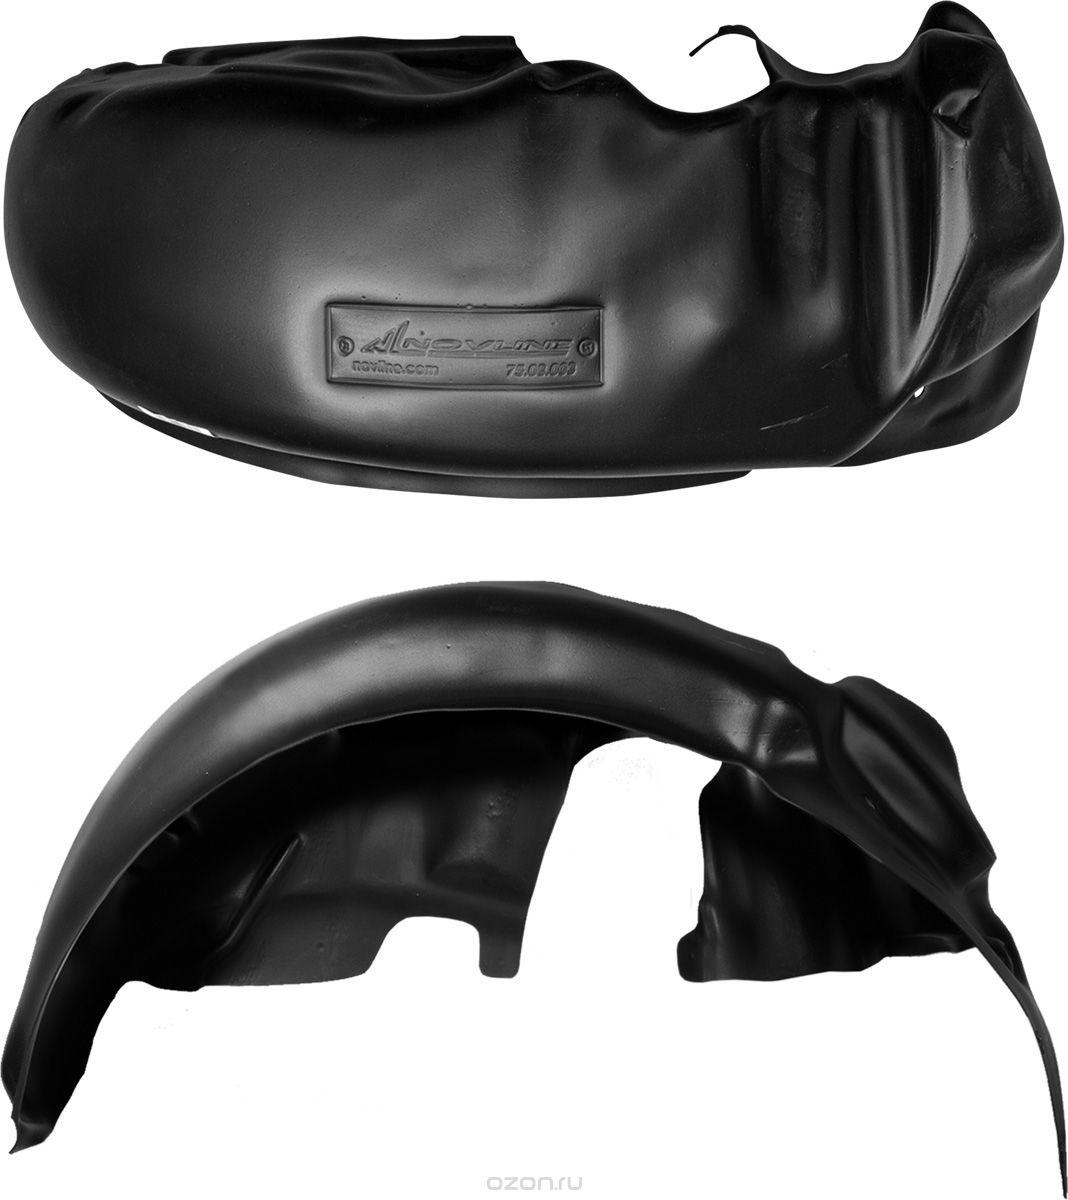 Подкрылок Novline-Autofamily, для TOYOTA Rav 4, 2012->, передний правыйNLL.48.53.002Идеальная защита колесной ниши. Локеры разработаны с применением цифровых технологий, гарантируют максимальную повторяемость поверхности арки. Изделия устанавливаются без нарушения лакокрасочного покрытия автомобиля, каждый подкрылок комплектуется крепежом. Уважаемые клиенты, обращаем ваше внимание, что фотографии на подкрылки универсальные и не отражают реальную форму изделия. При этом само изделие идет точно под размер указанного автомобиля.